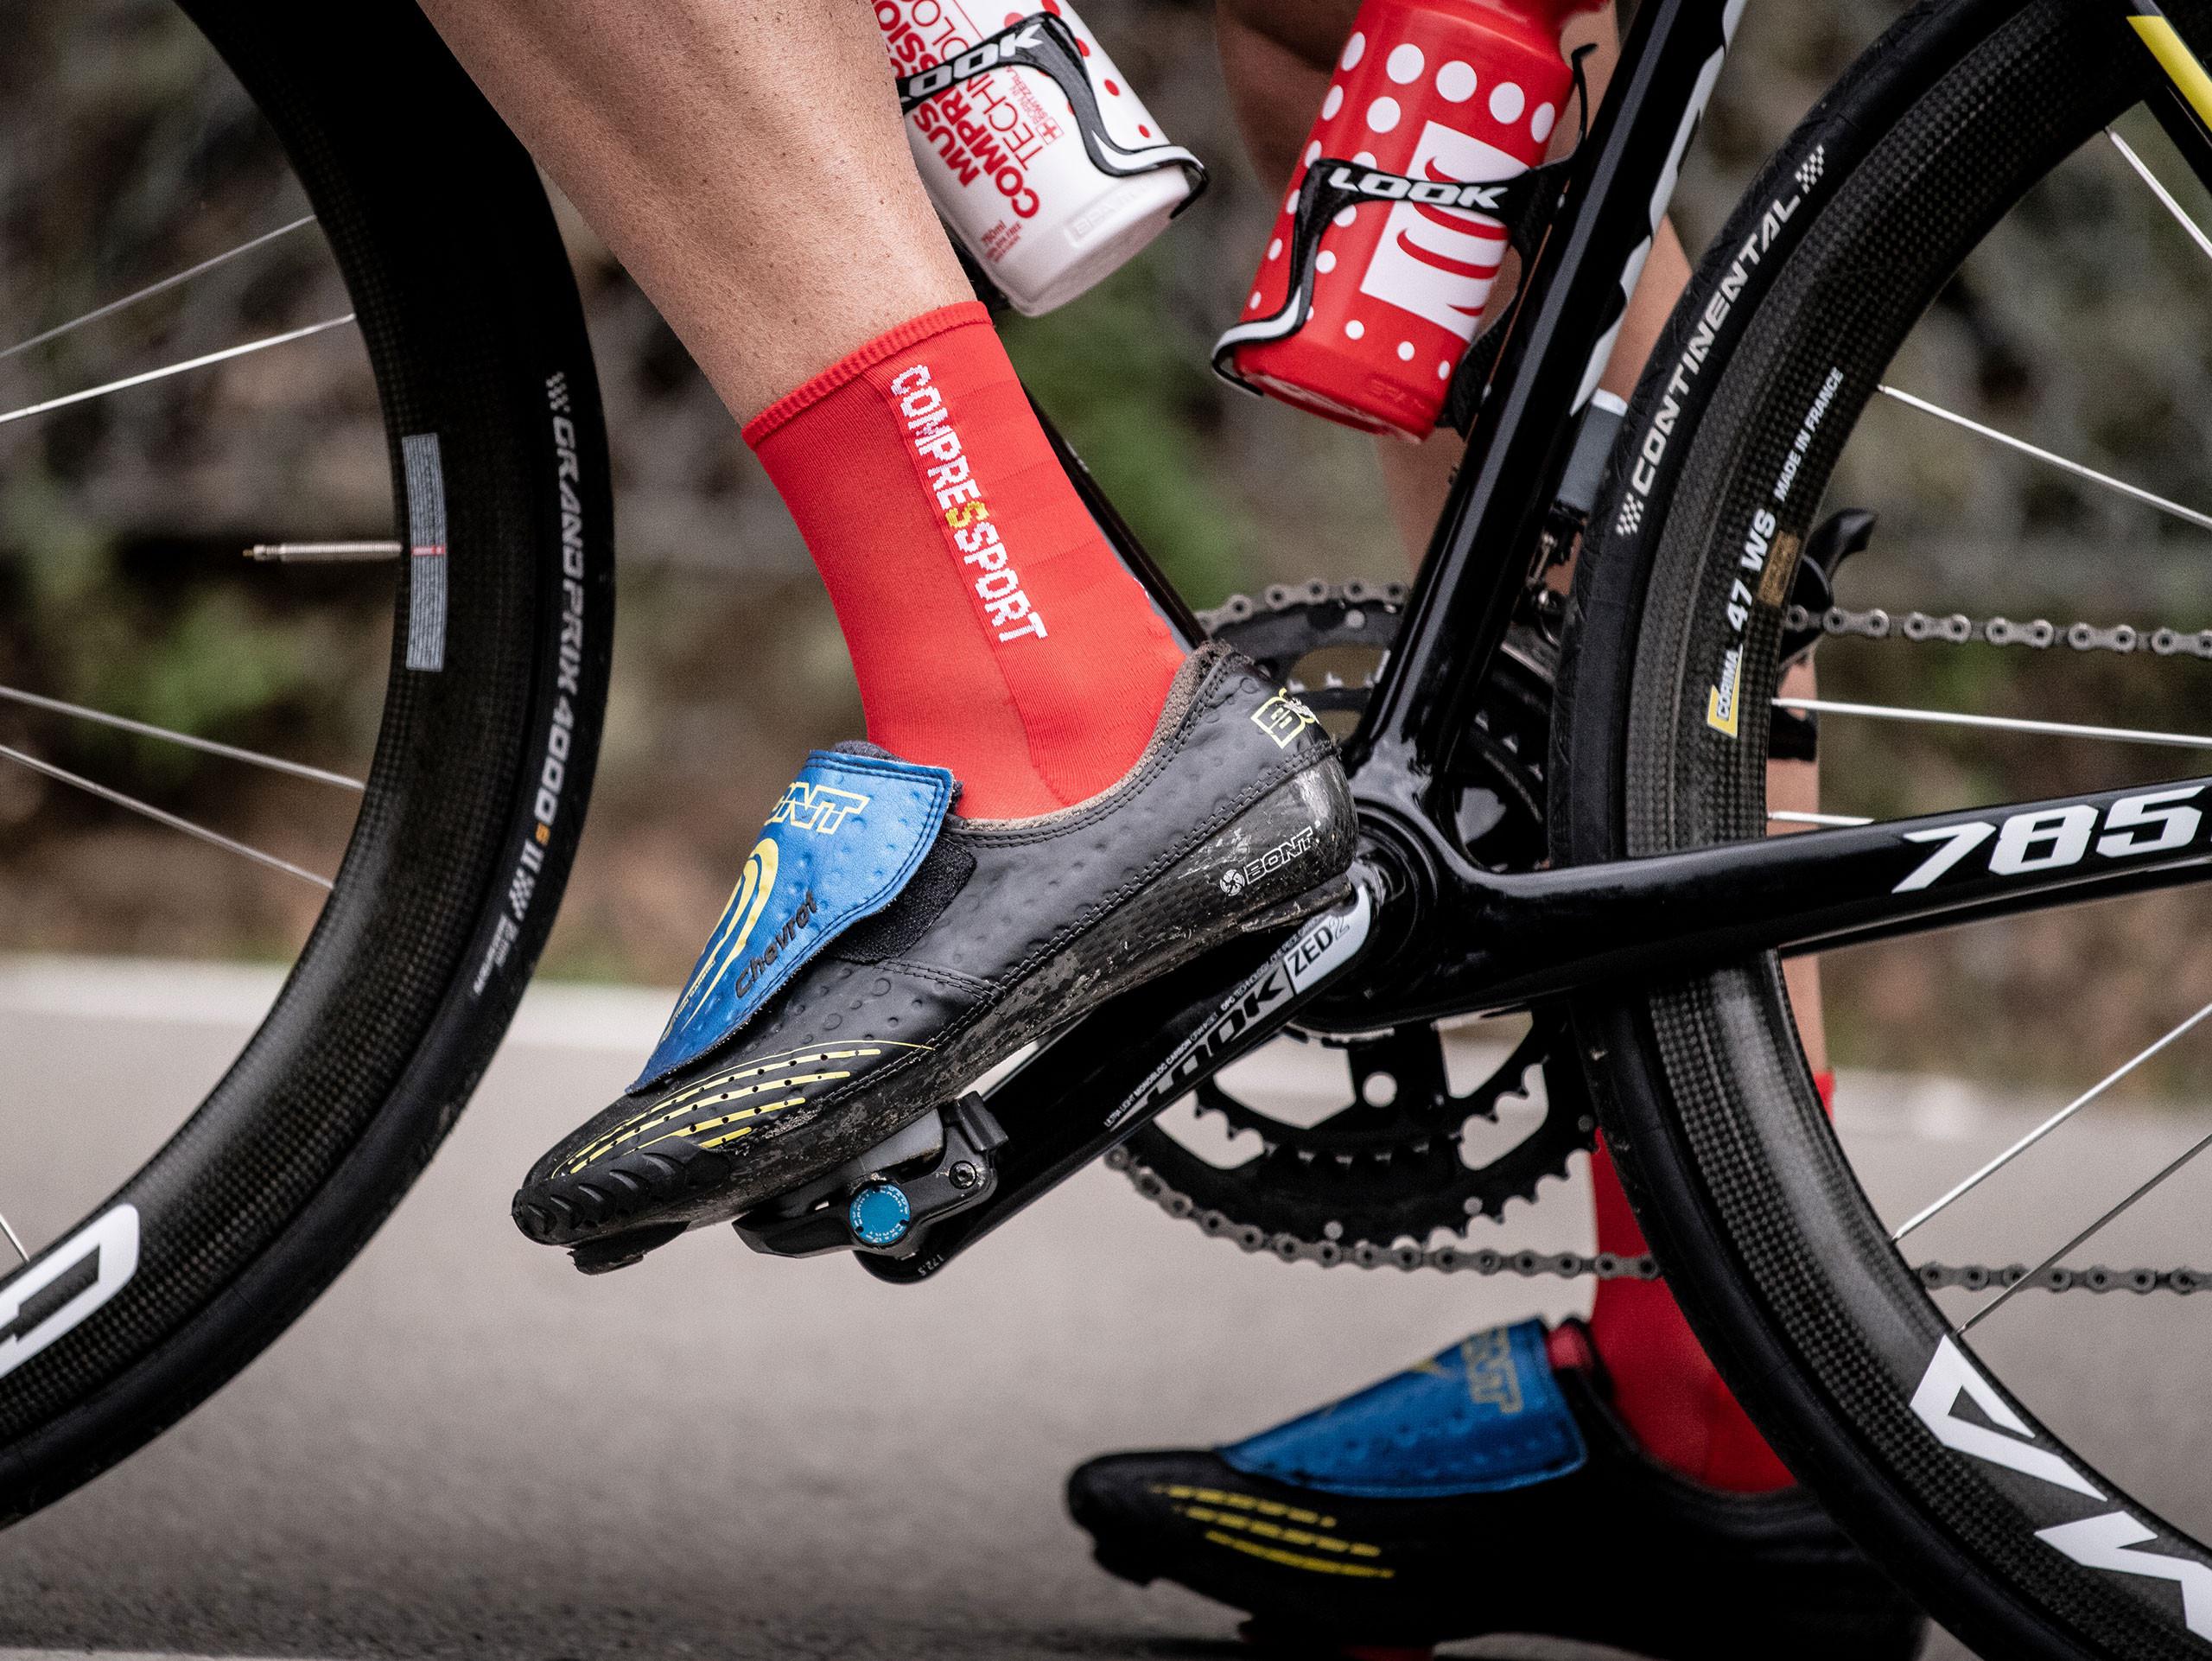 Calzini da gara professionali v3.0 Ultralight Bike rossi